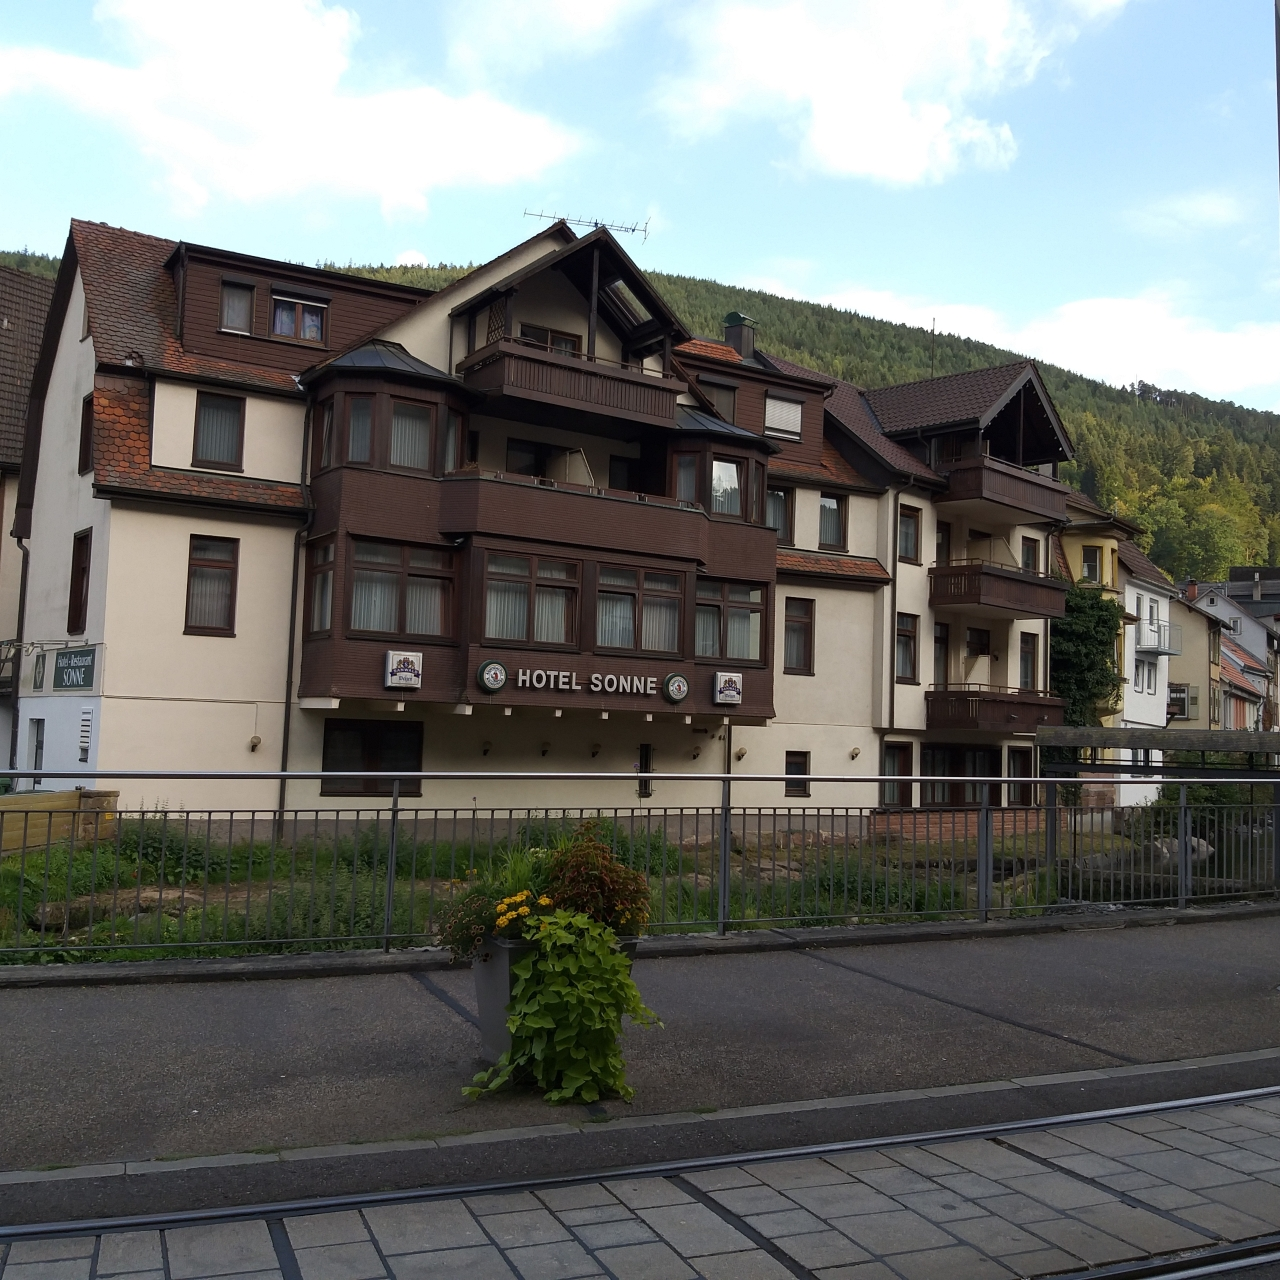 Full Size of Hotel Sonne 3 Hrs Star In Bad Wildbad Baden Wrttemberg Badezimmer Regal Hotels Neuenahr Homburg Zwischenahn Gastein Kreuznach Wandarmatur Ferienwohnung Bad Bad Wildbad Hotel